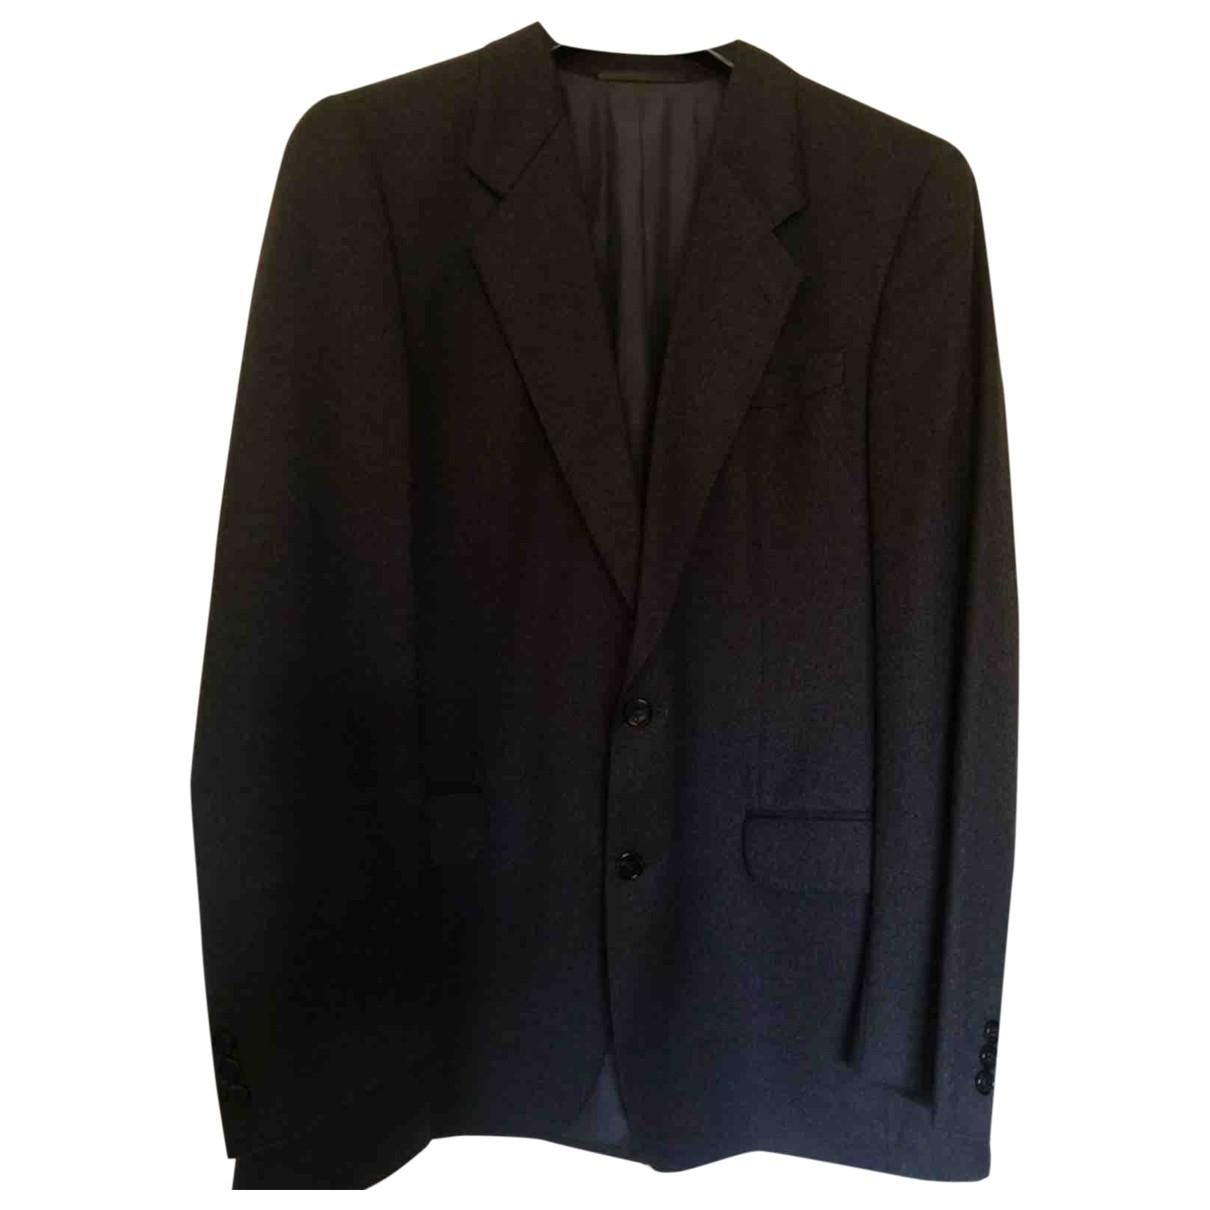 Dior - Vestes.Blousons   pour homme en coton - beige